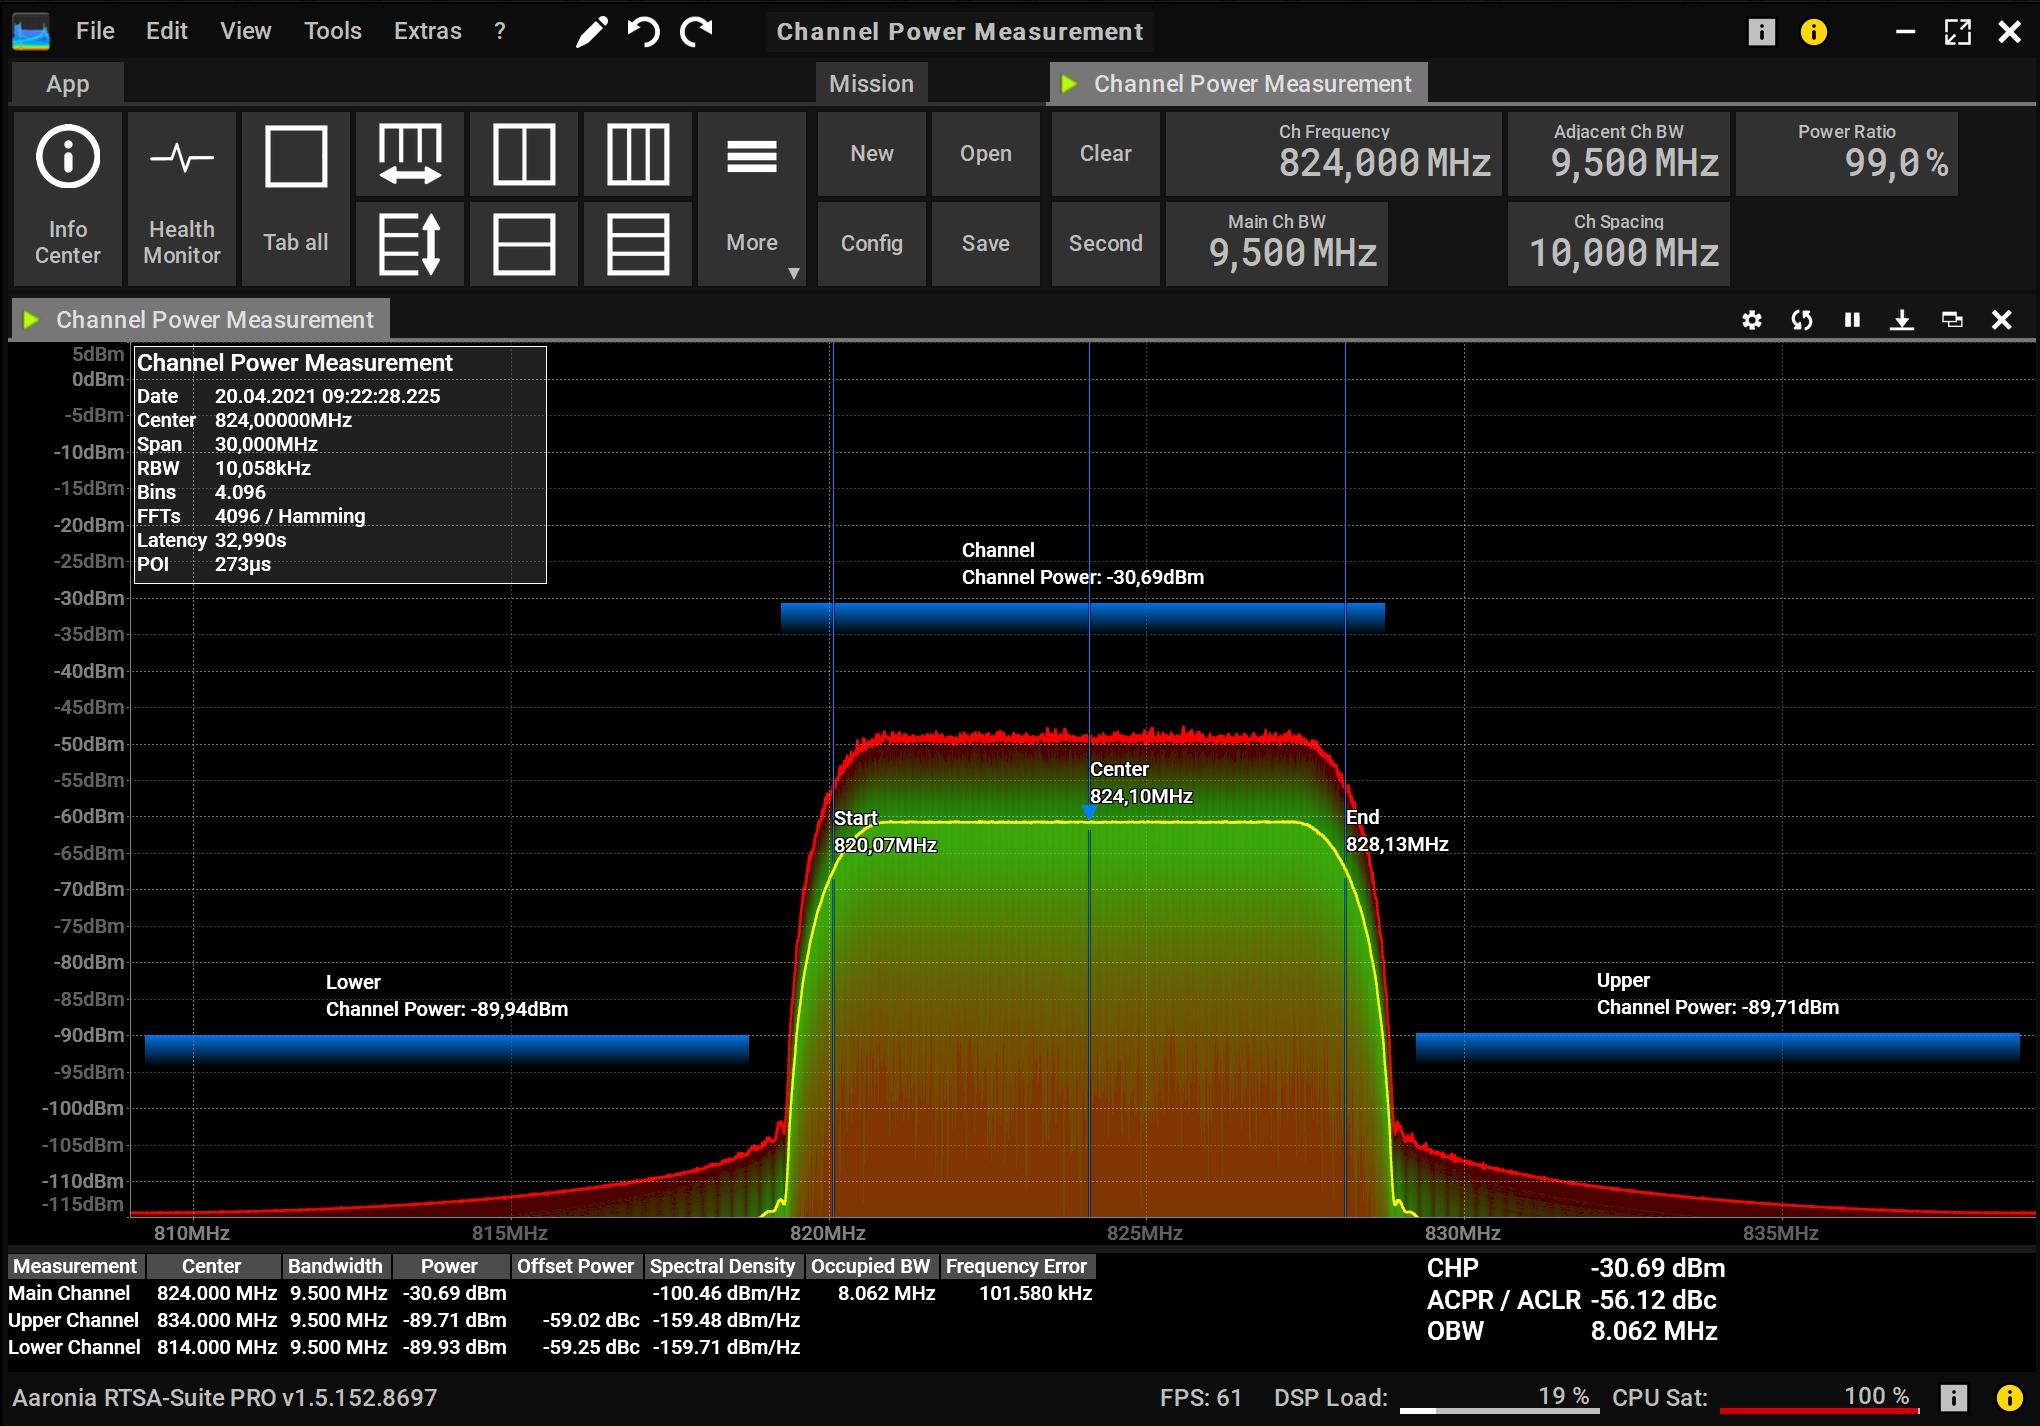 Single Click Channel Power Measurement